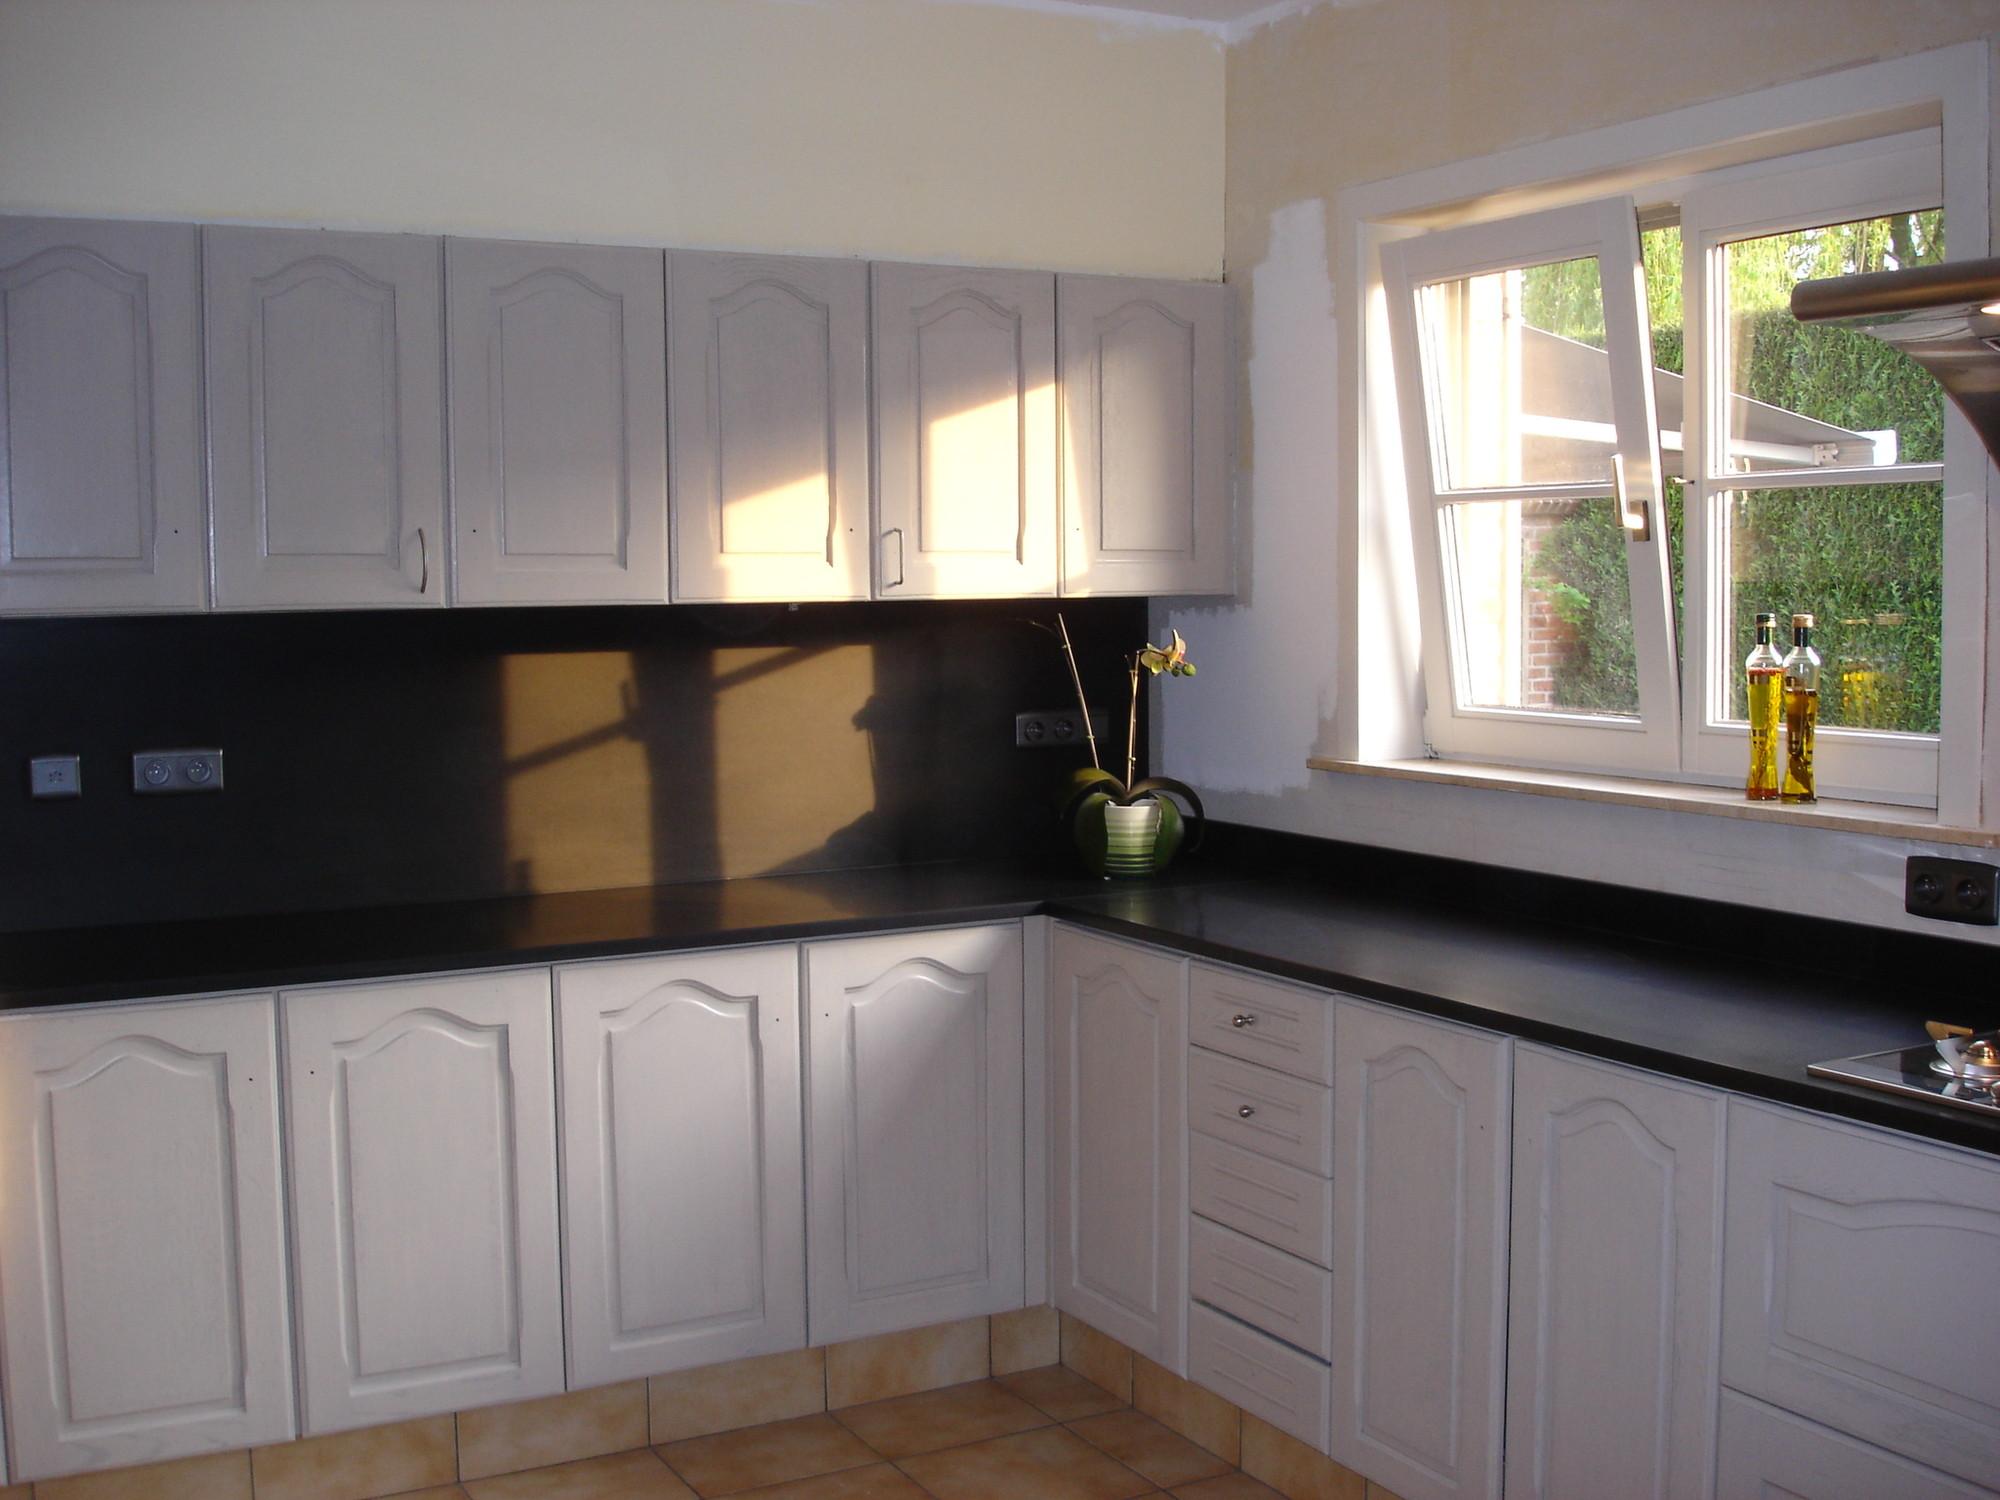 Blog eikenhouten keukenkasten schilderen - Hoe je een centrum eiland keuken te maken ...